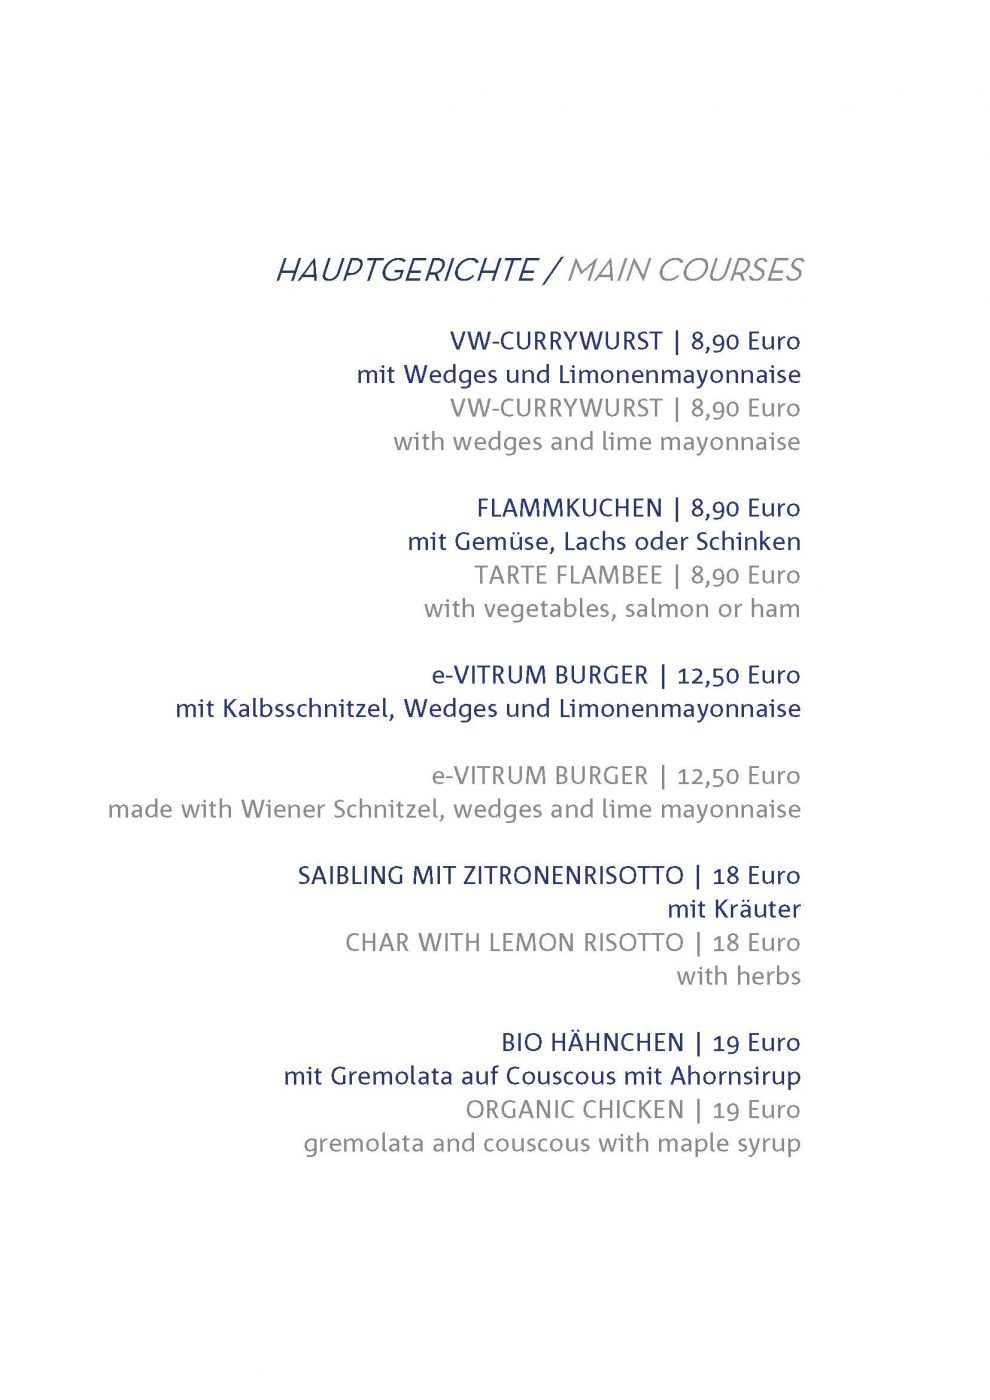 https://www.vitrum-dresden.de/wp-content/uploads/2018/08/1_Kulinarik_final_web_Seite_2-990x1400.jpg